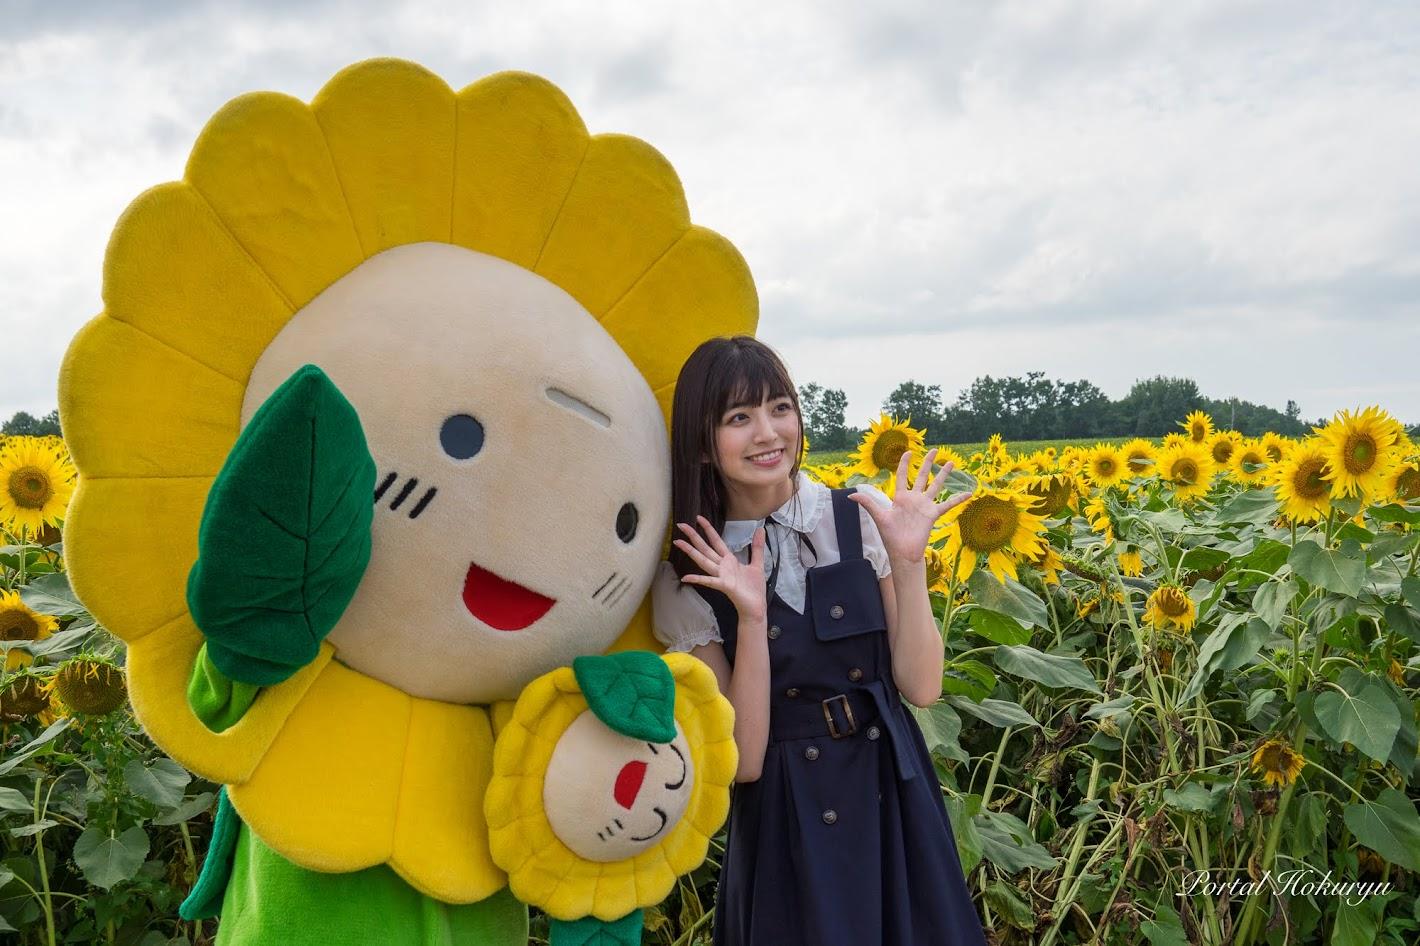 北竜町キャラクター・ひまわり咲ちゃんと